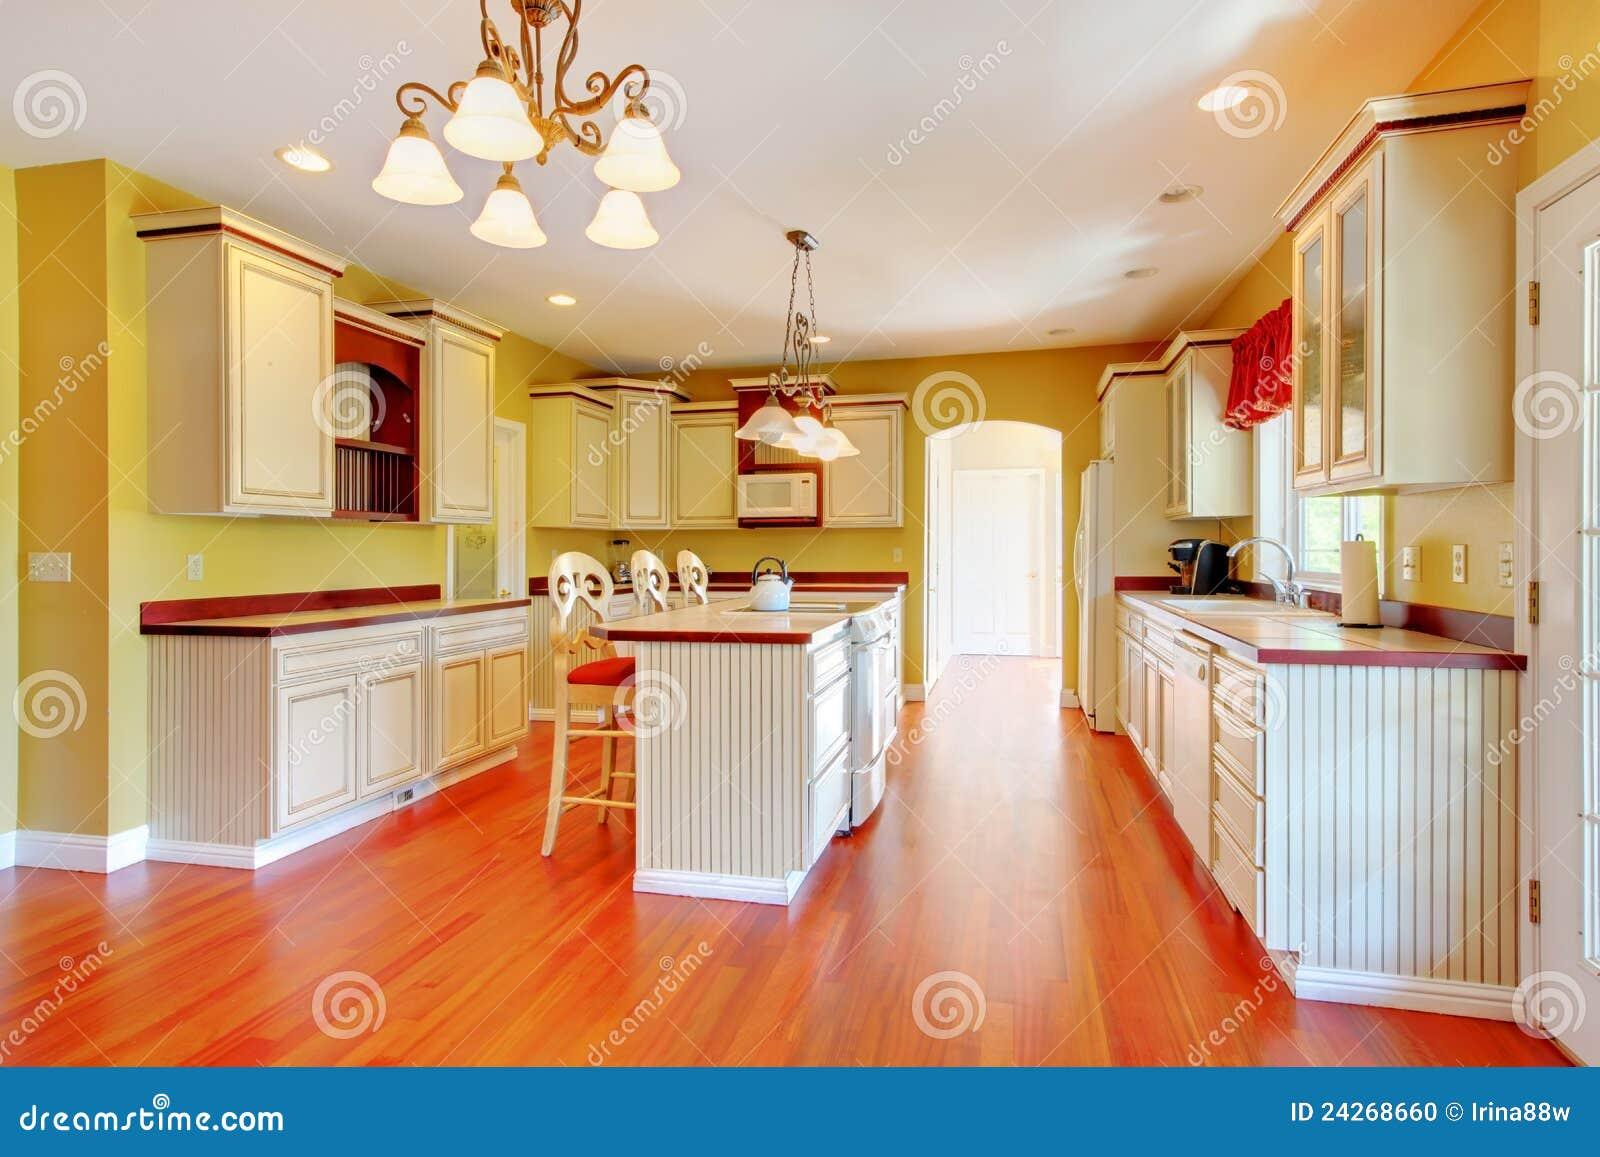 Gouden Keuken Met Witte Antieke Kabinetten. Stock Foto ...